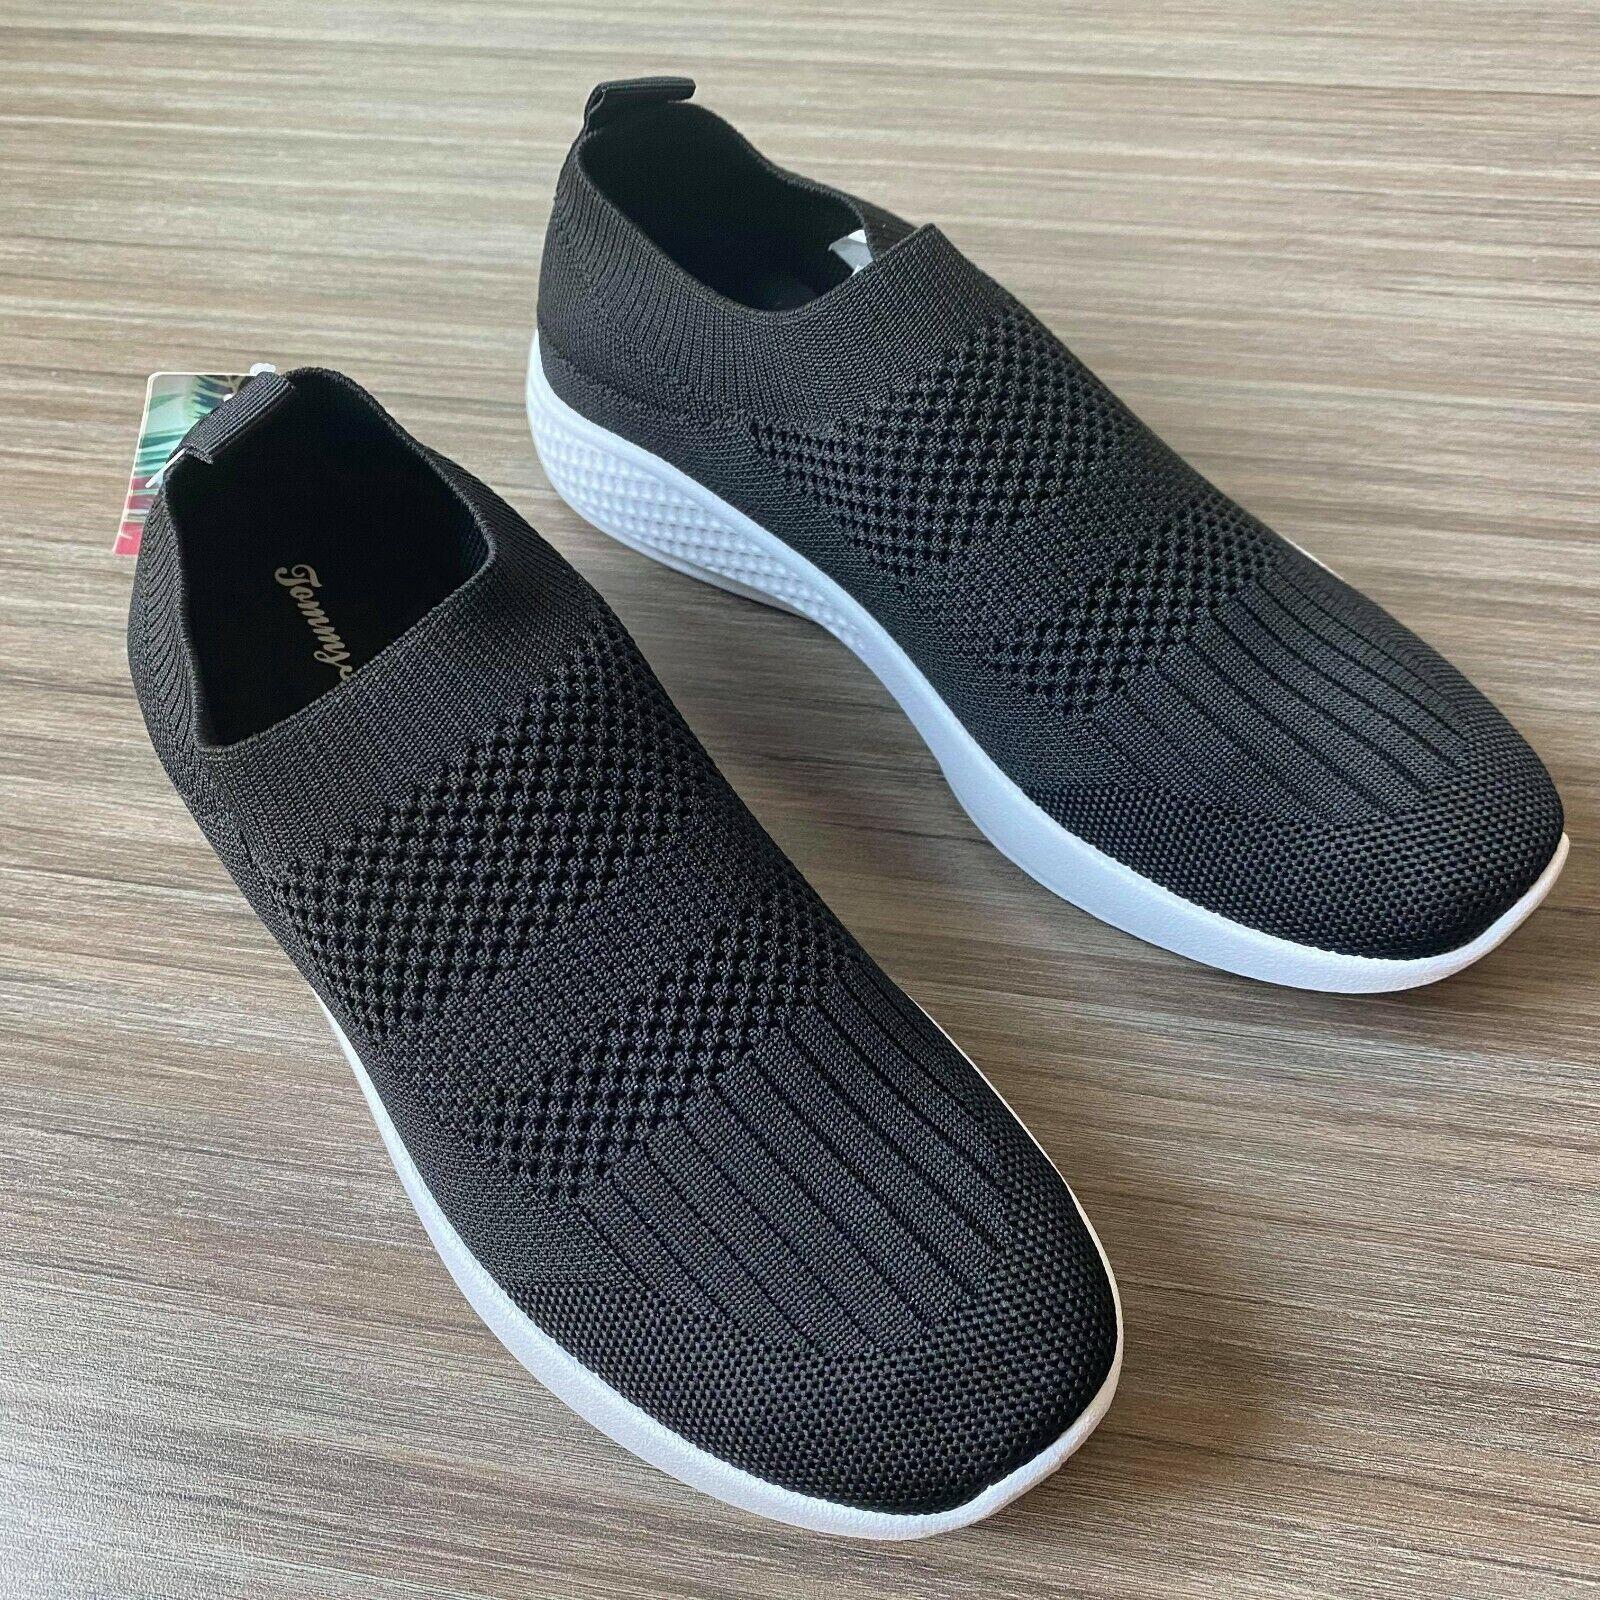 Tommy Bahama Knit Slip-On Memory Foam Black Shoes Women's Size 7.5